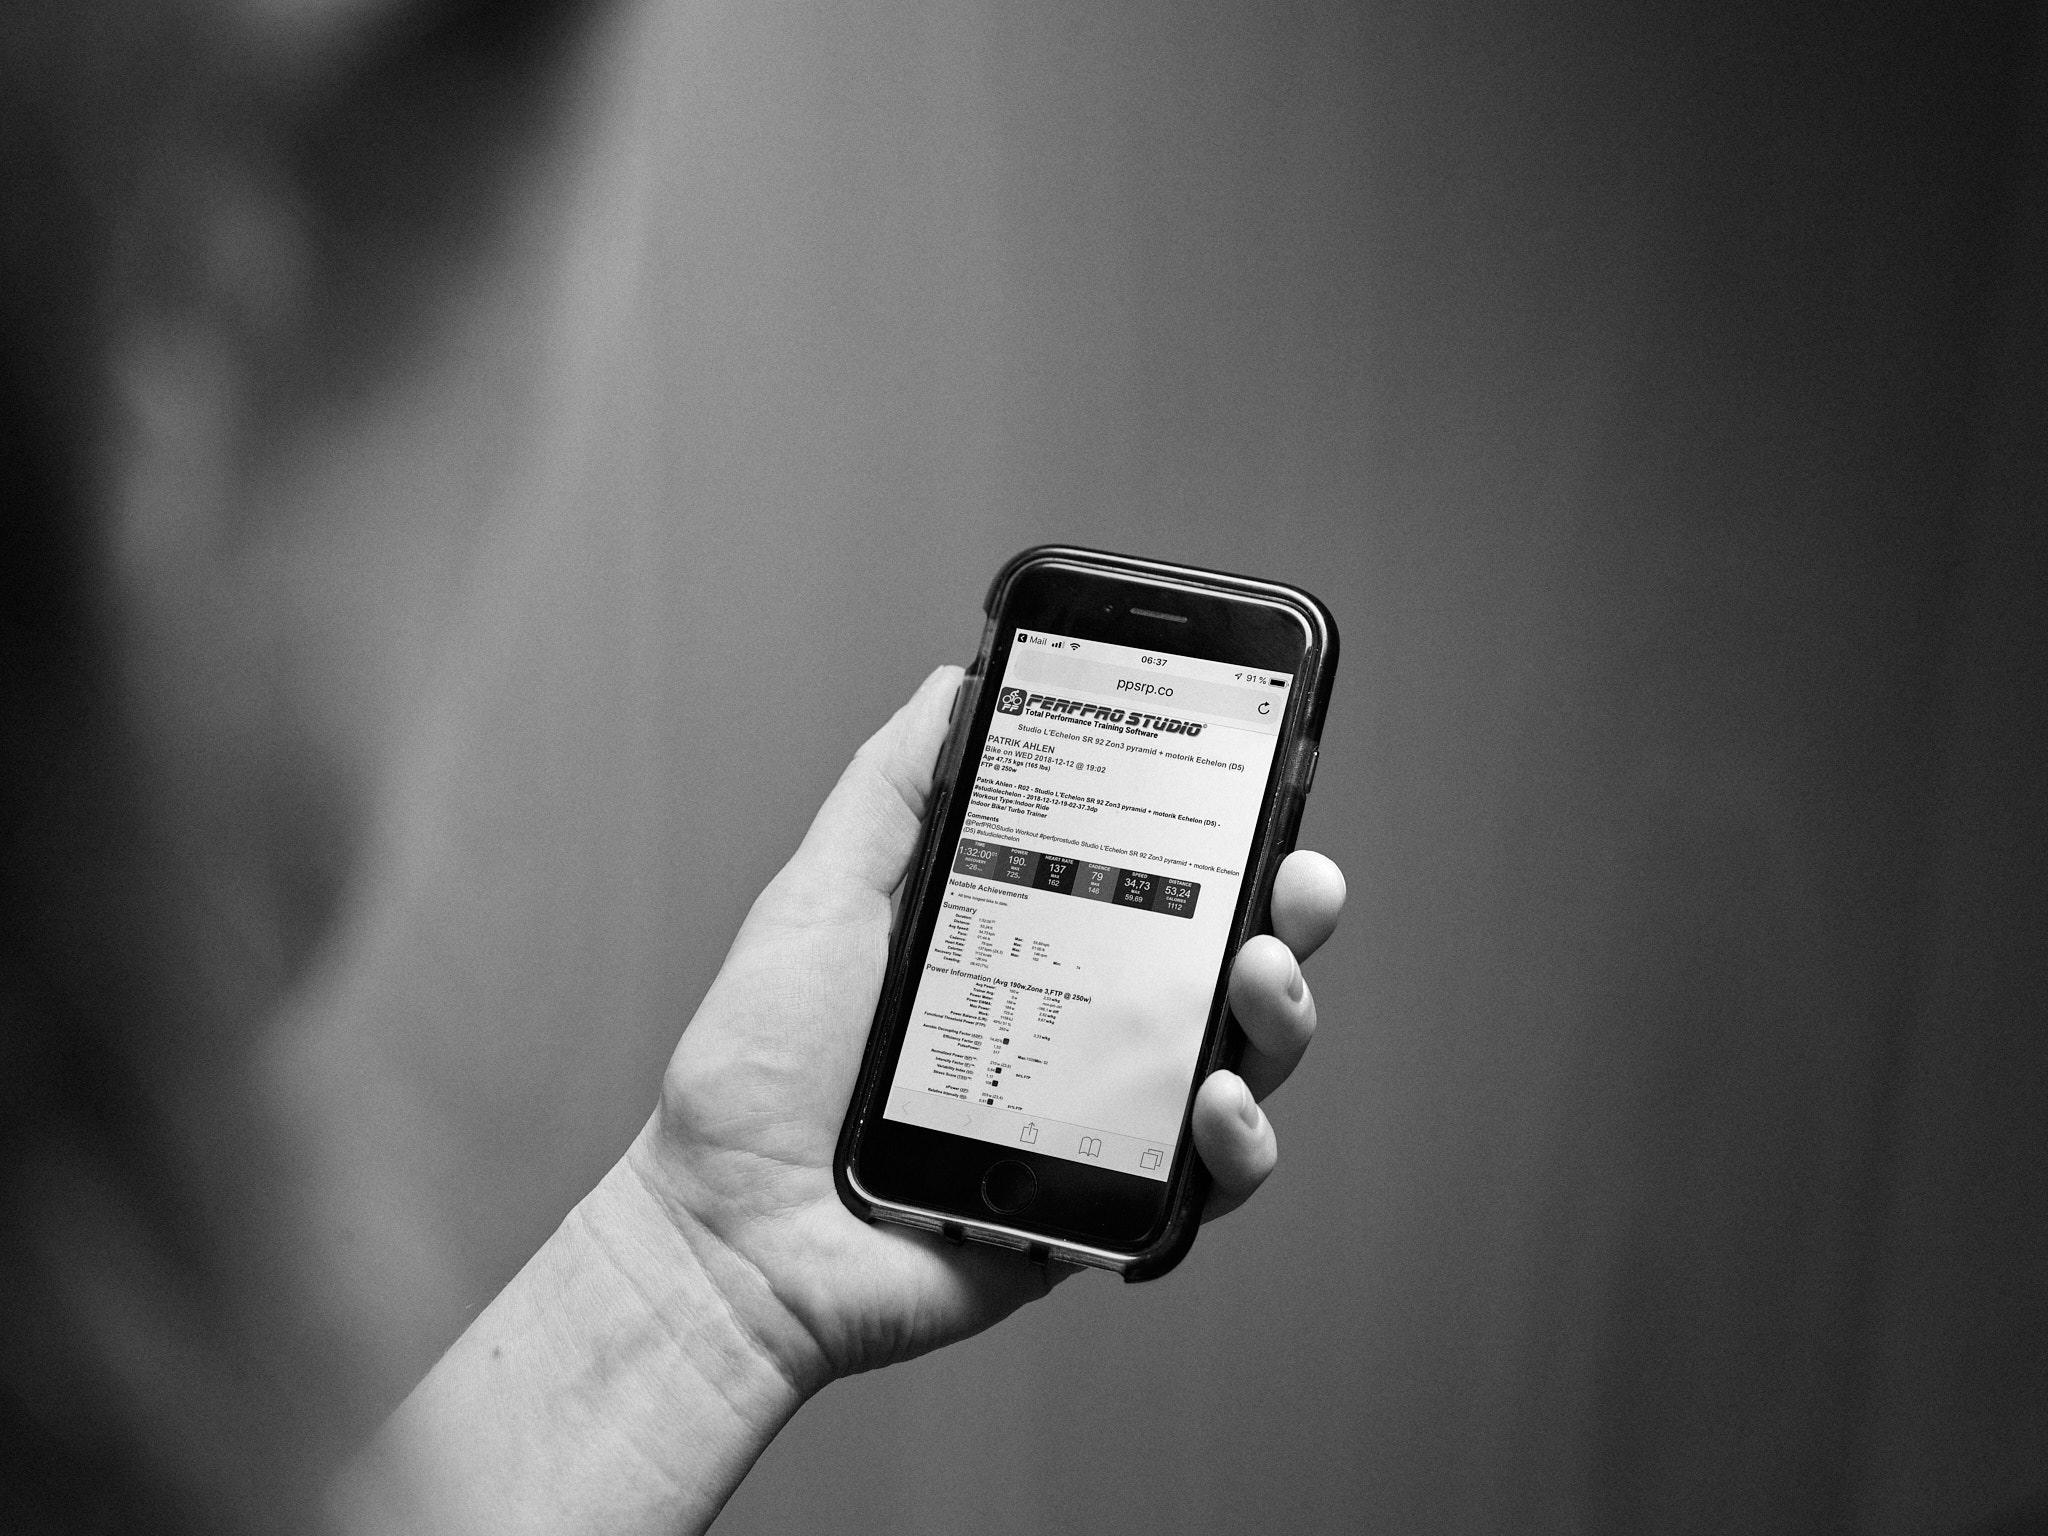 Din data levererad - Det finns ingen poäng med att samla data om den inte sparas och analyseras. Vi gör det enkelt för dig, du behöver inte ens koppla din telefon till cyklarna. Datan levereras till din mejl, samt direkt till Training Peaks, Strava, Today's Plan m.fl. Prata med oss innan ditt pass så sätter vi upp länkningen till ditt konto.